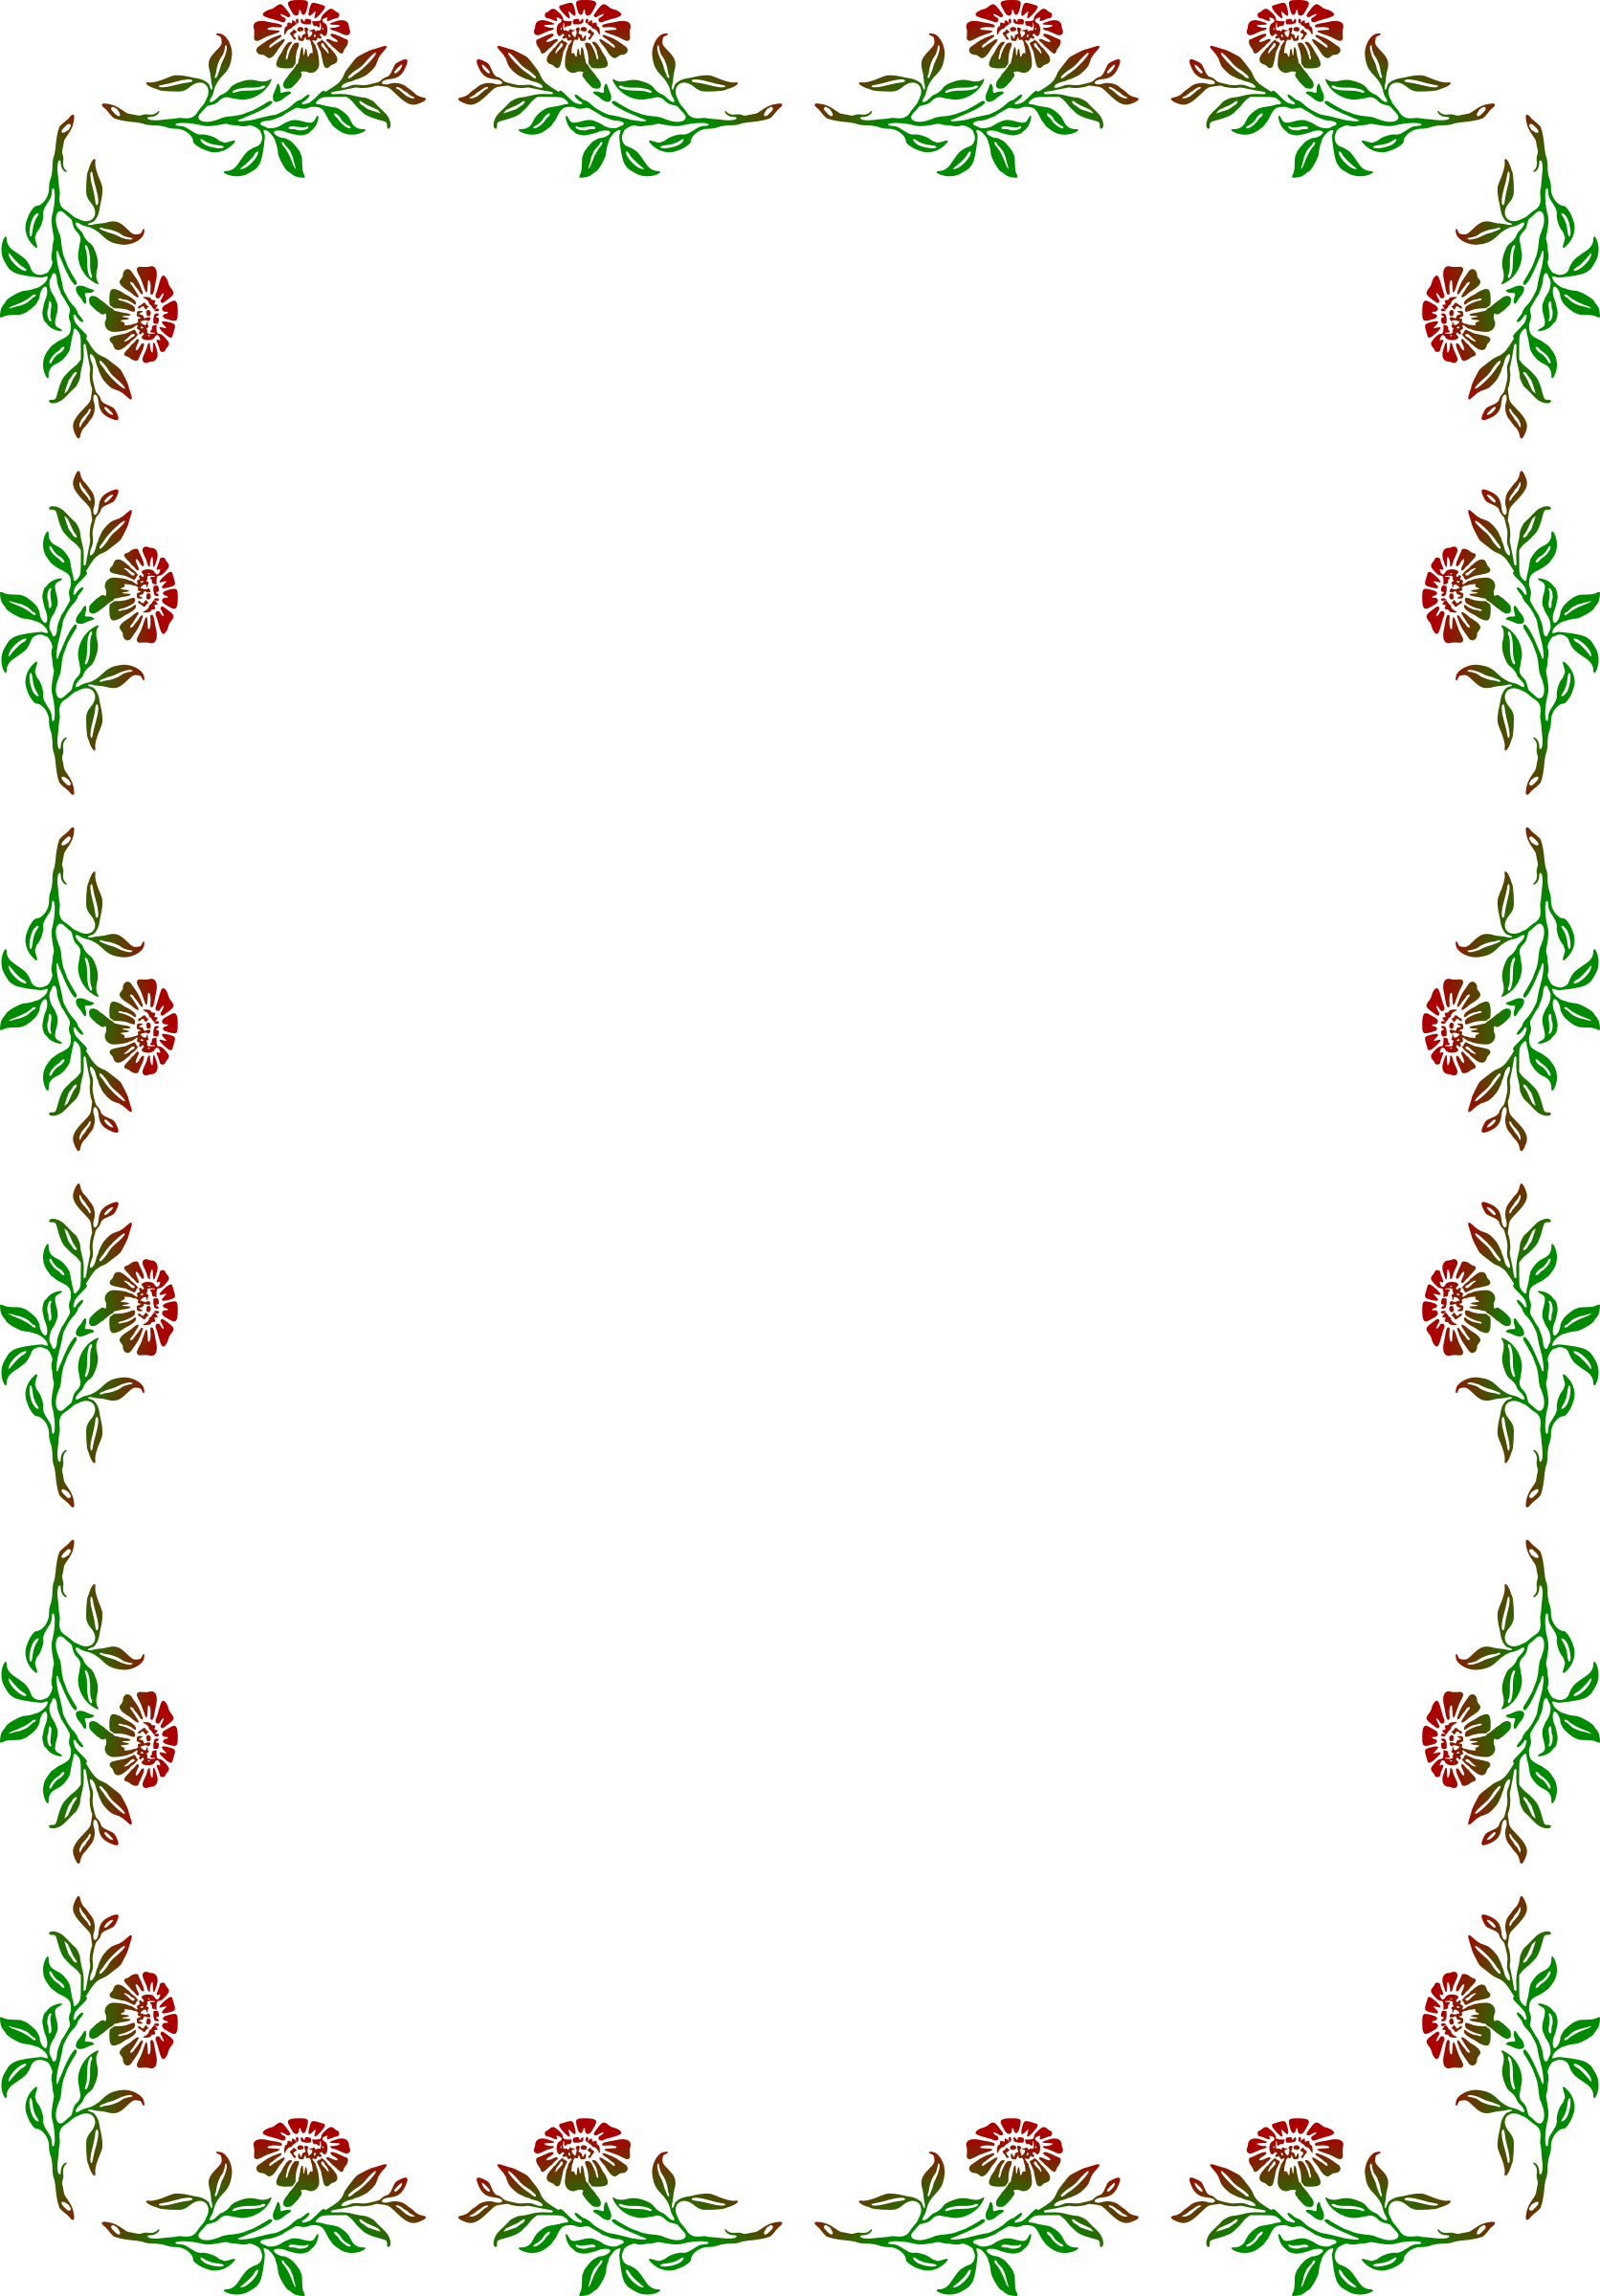 Clipart big image. Floral frame png